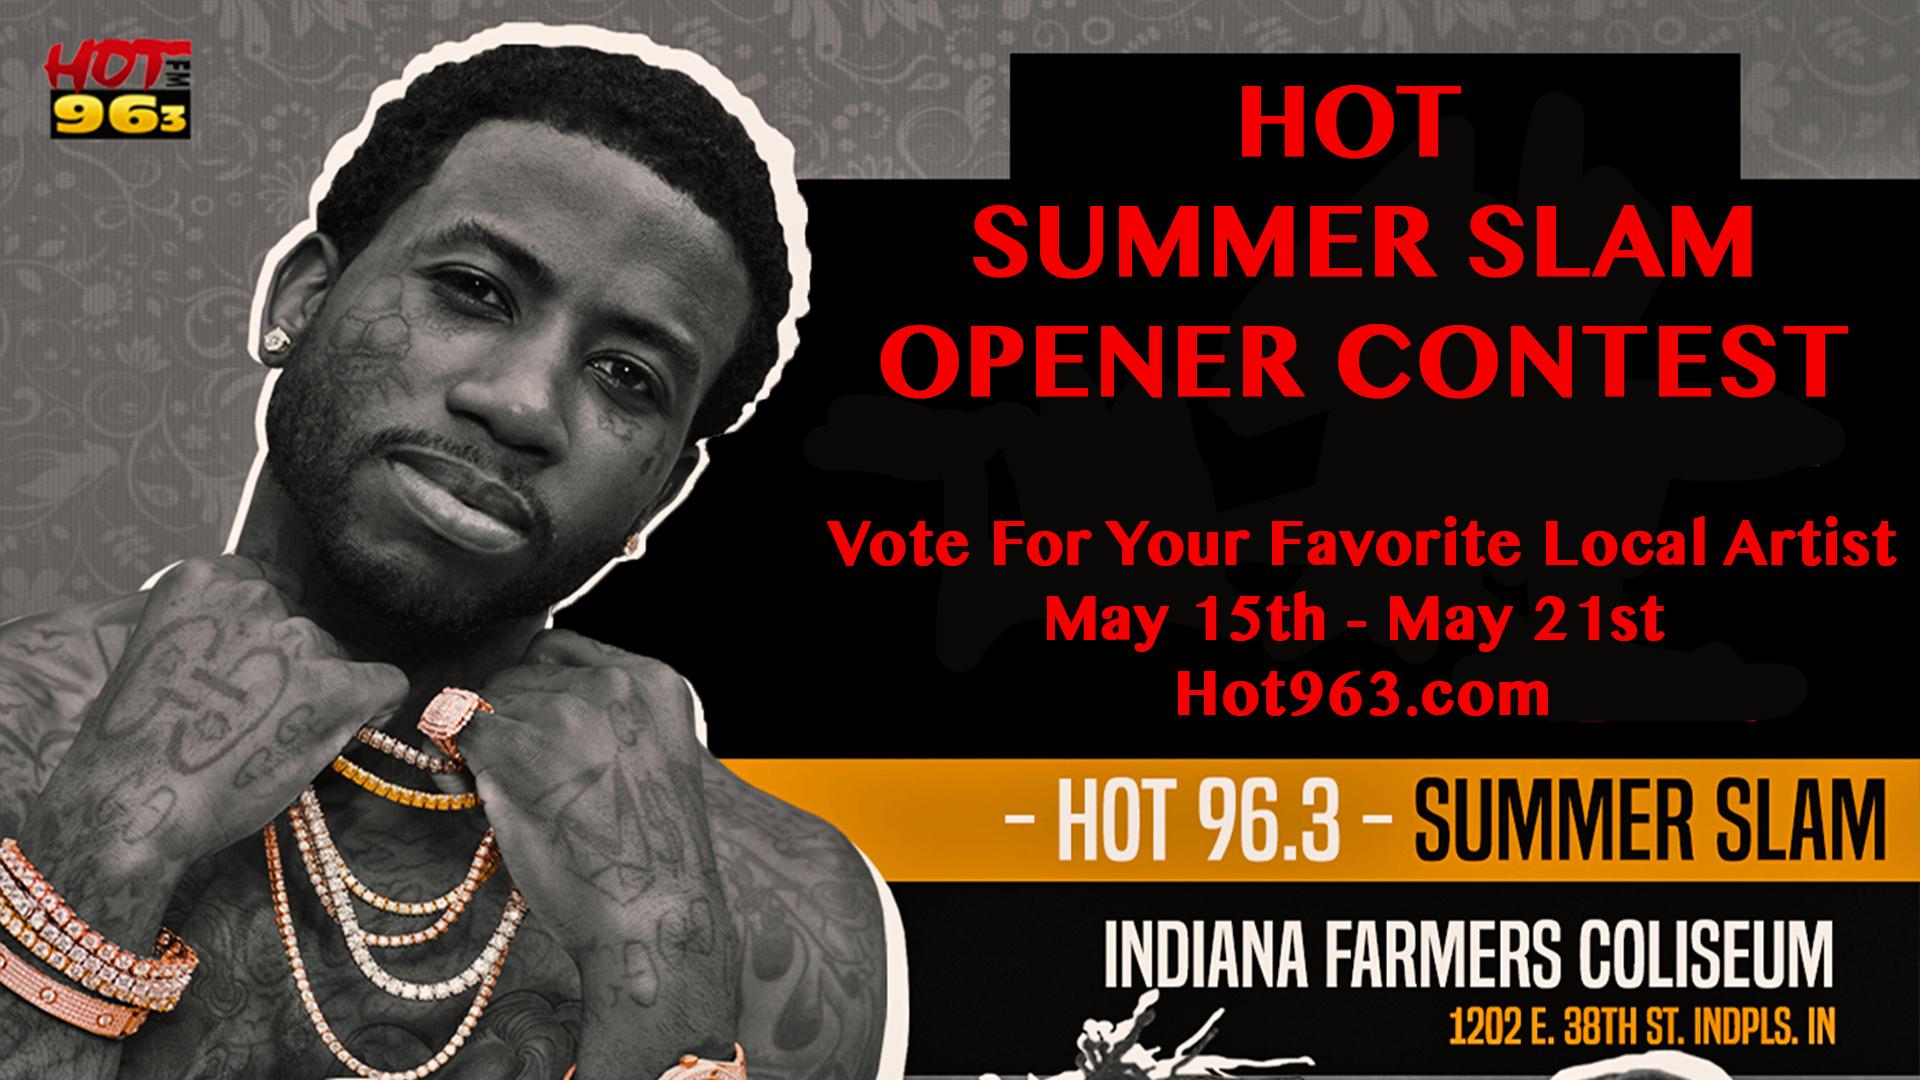 Hot Summer Slam Opener Graphic - Round 2